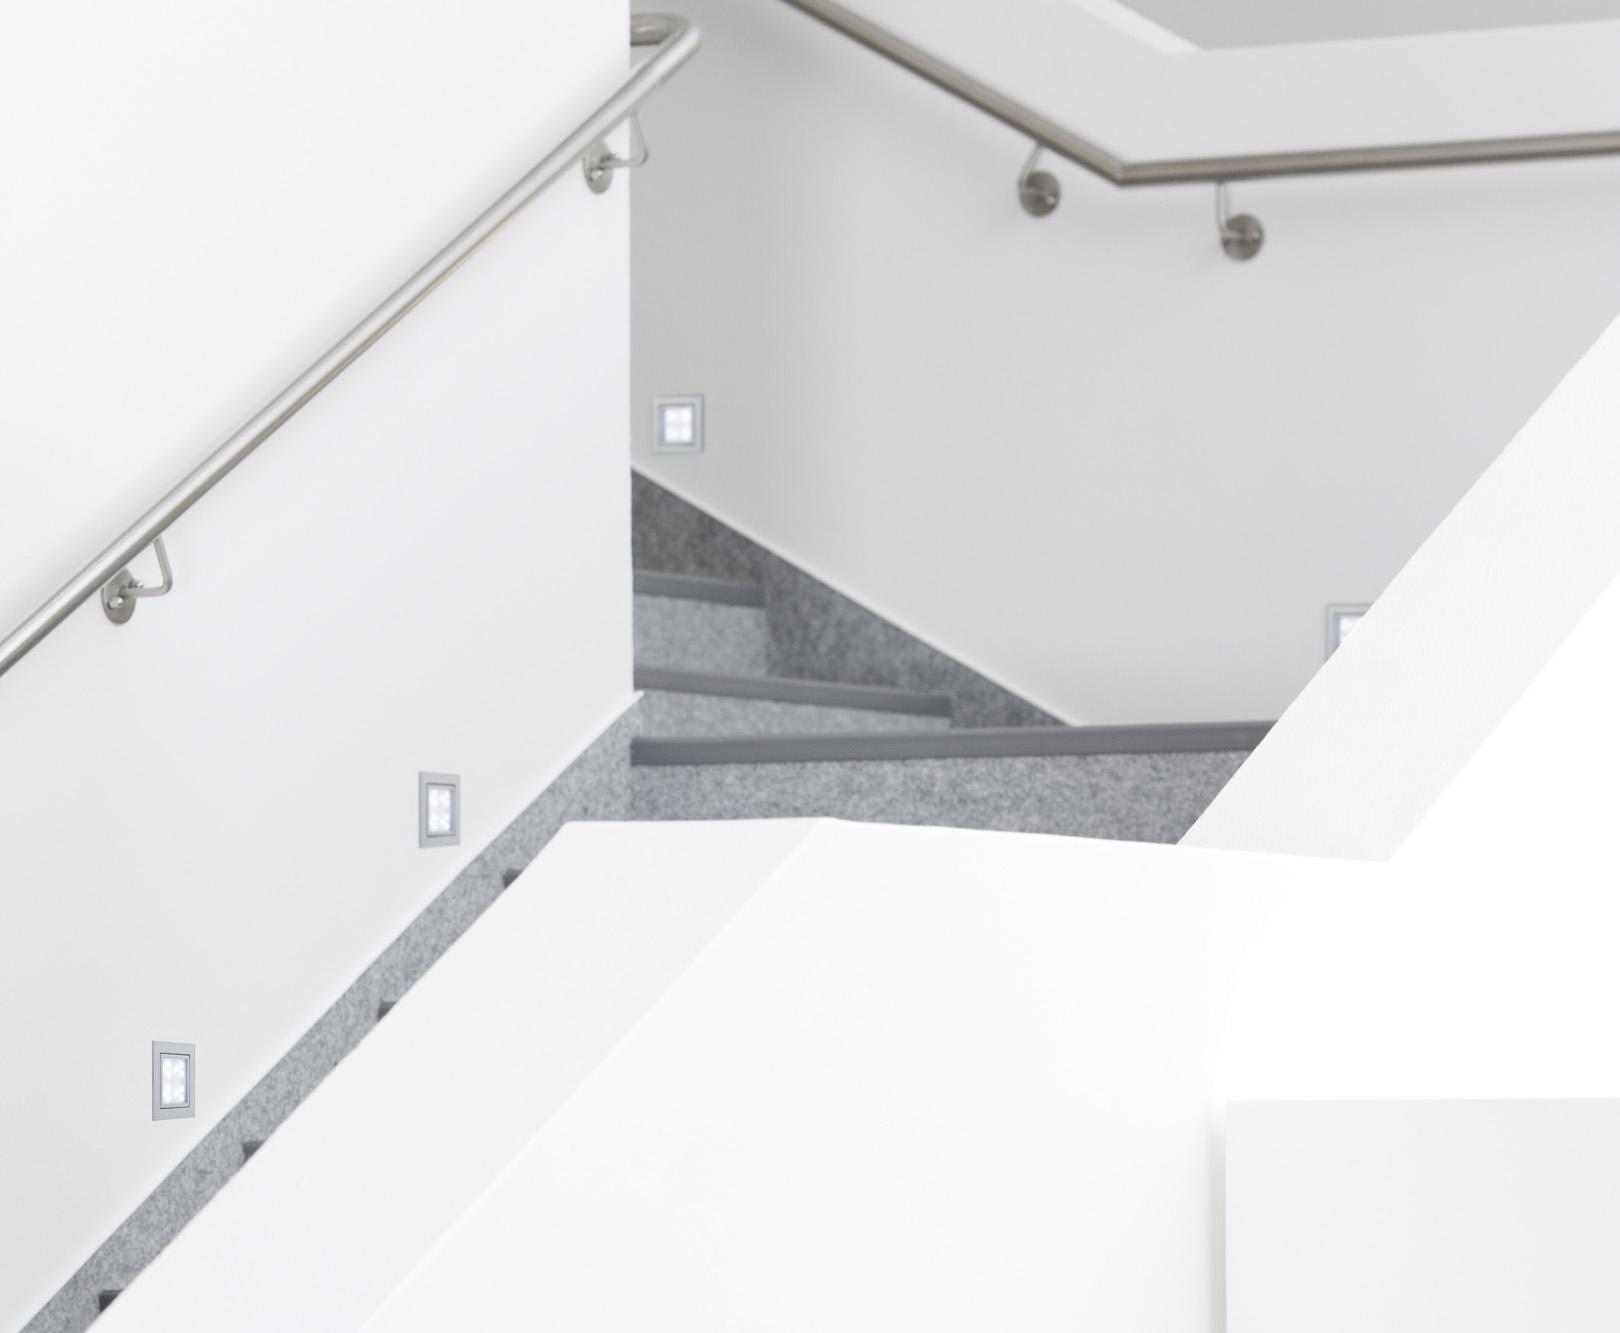 kit spot encastrable mural line led window 1 max 1x2w 230v alu matt paulmann. Black Bedroom Furniture Sets. Home Design Ideas